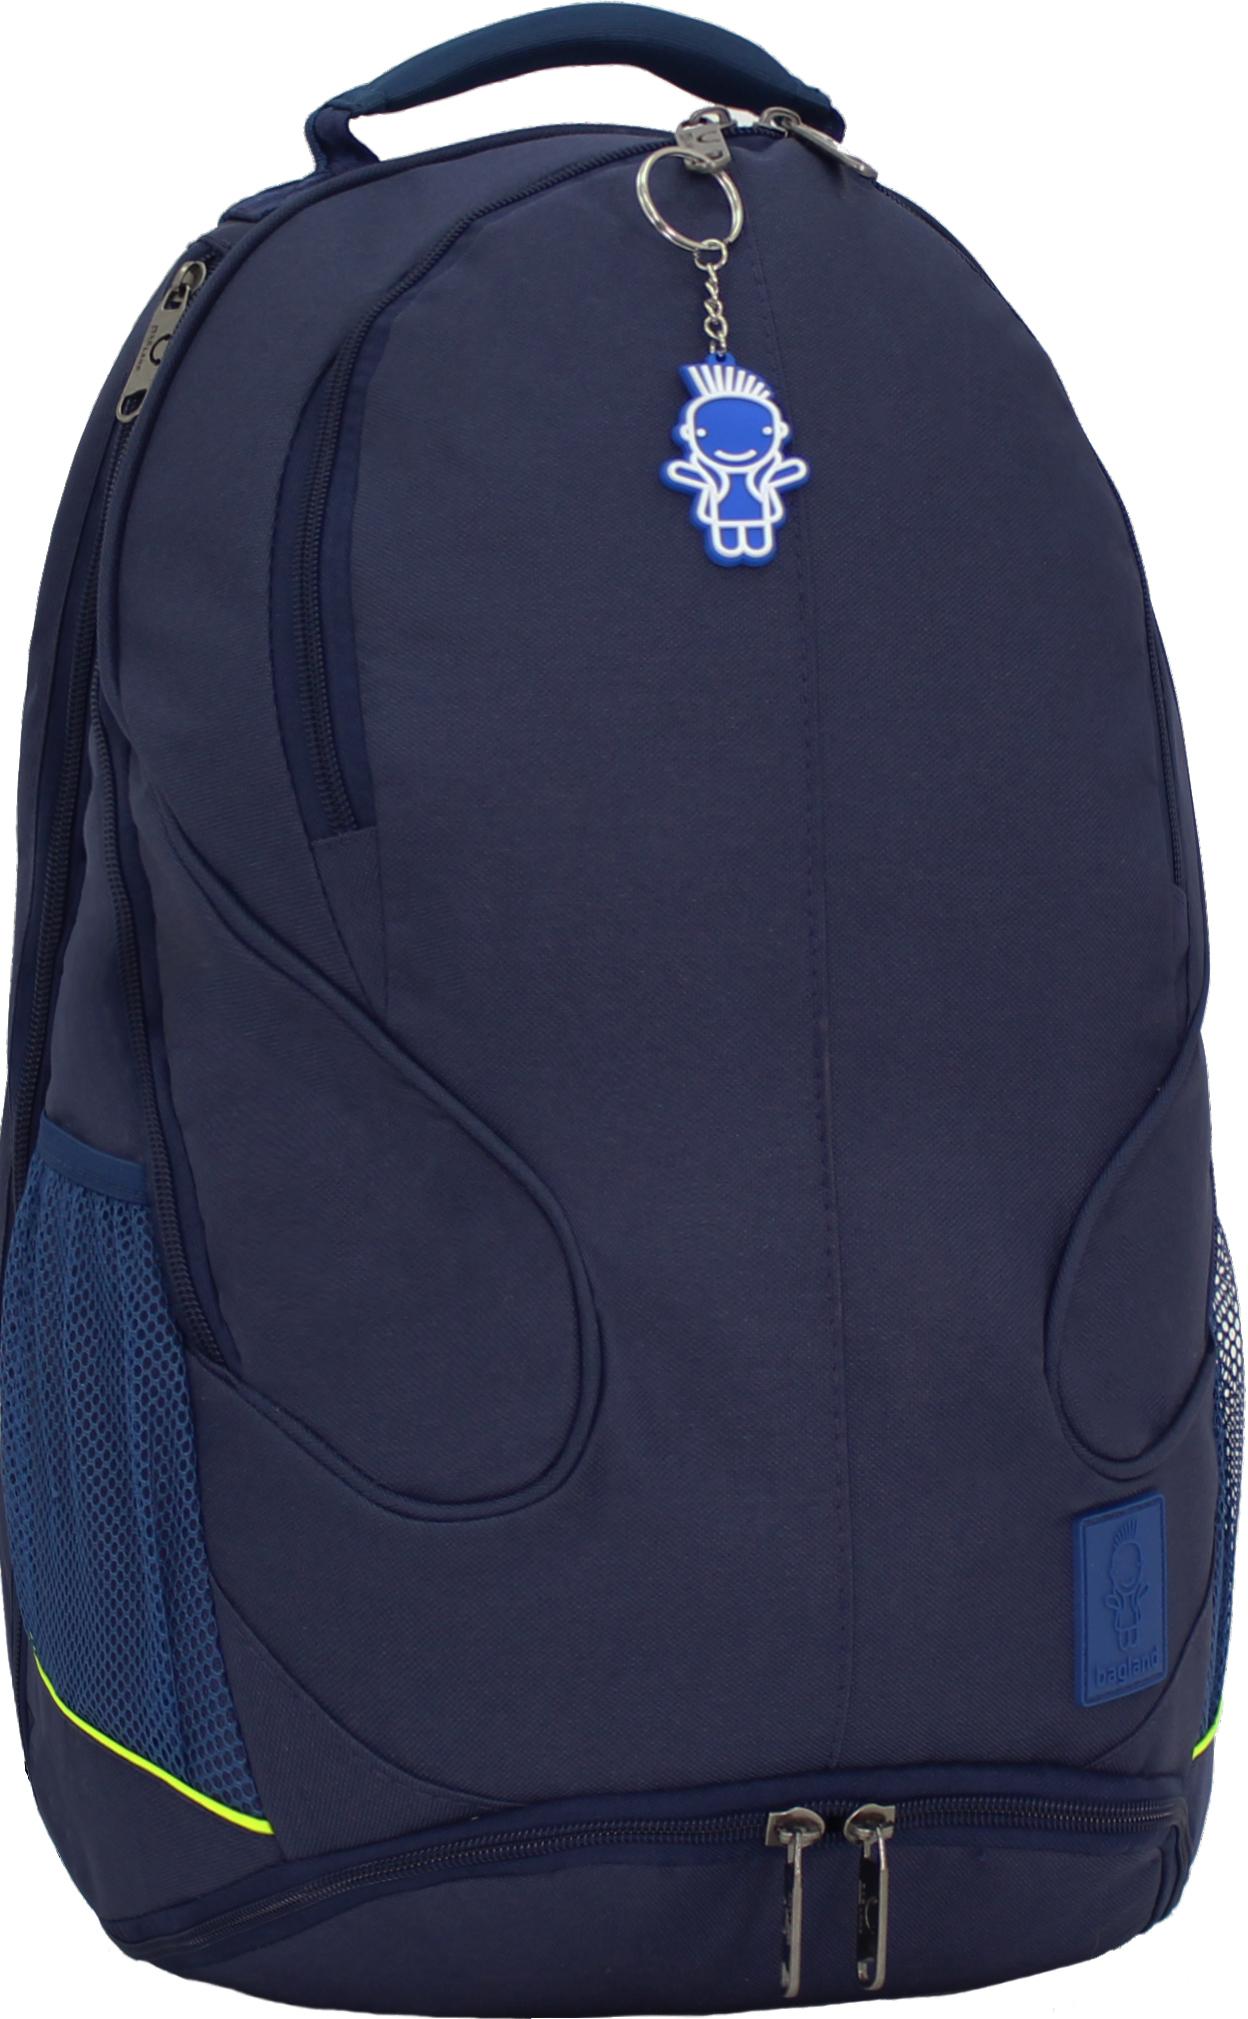 Рюкзаки для ноутбука Рюкзак для ноутбука Bagland Рюкзак ZOOTY 24 л. Чёрнильный (00531662) IMG_1221.JPG